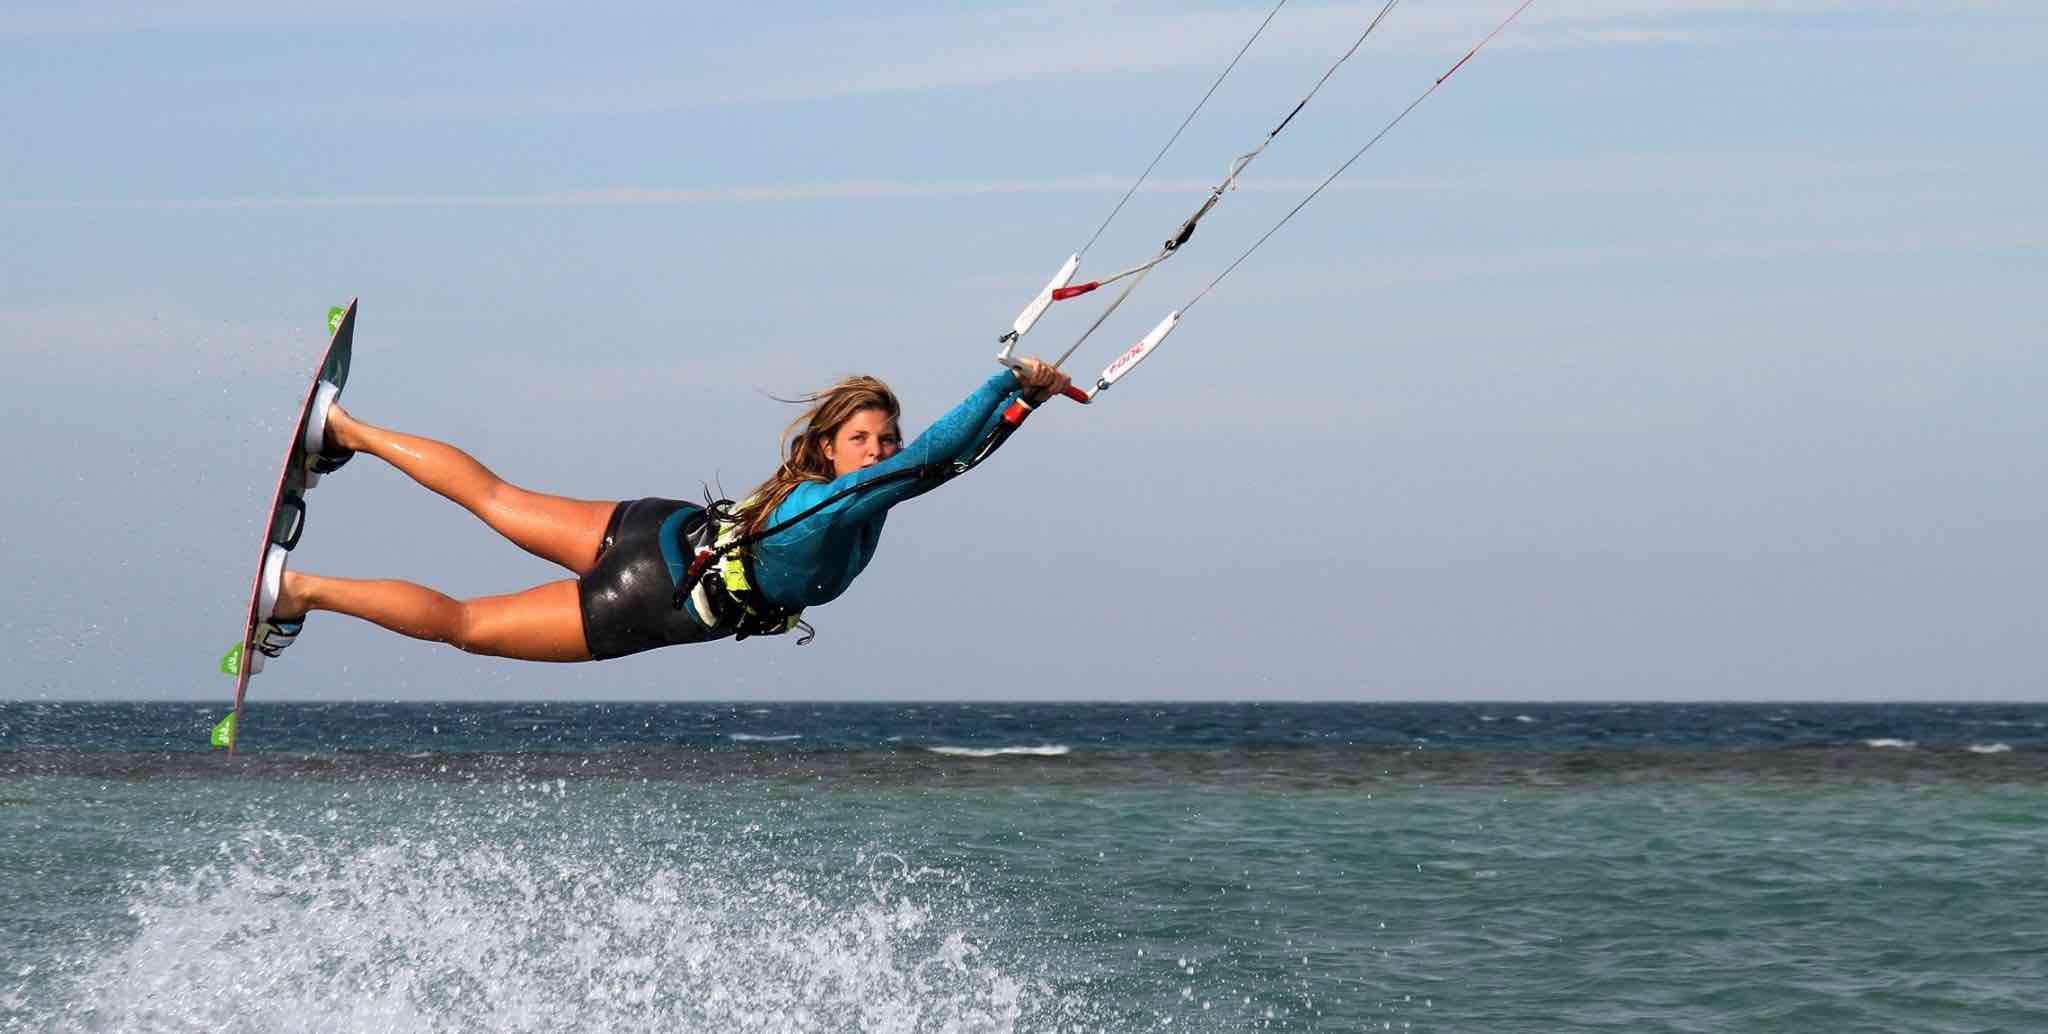 kitesurfing girl kitesurfing lessons event week